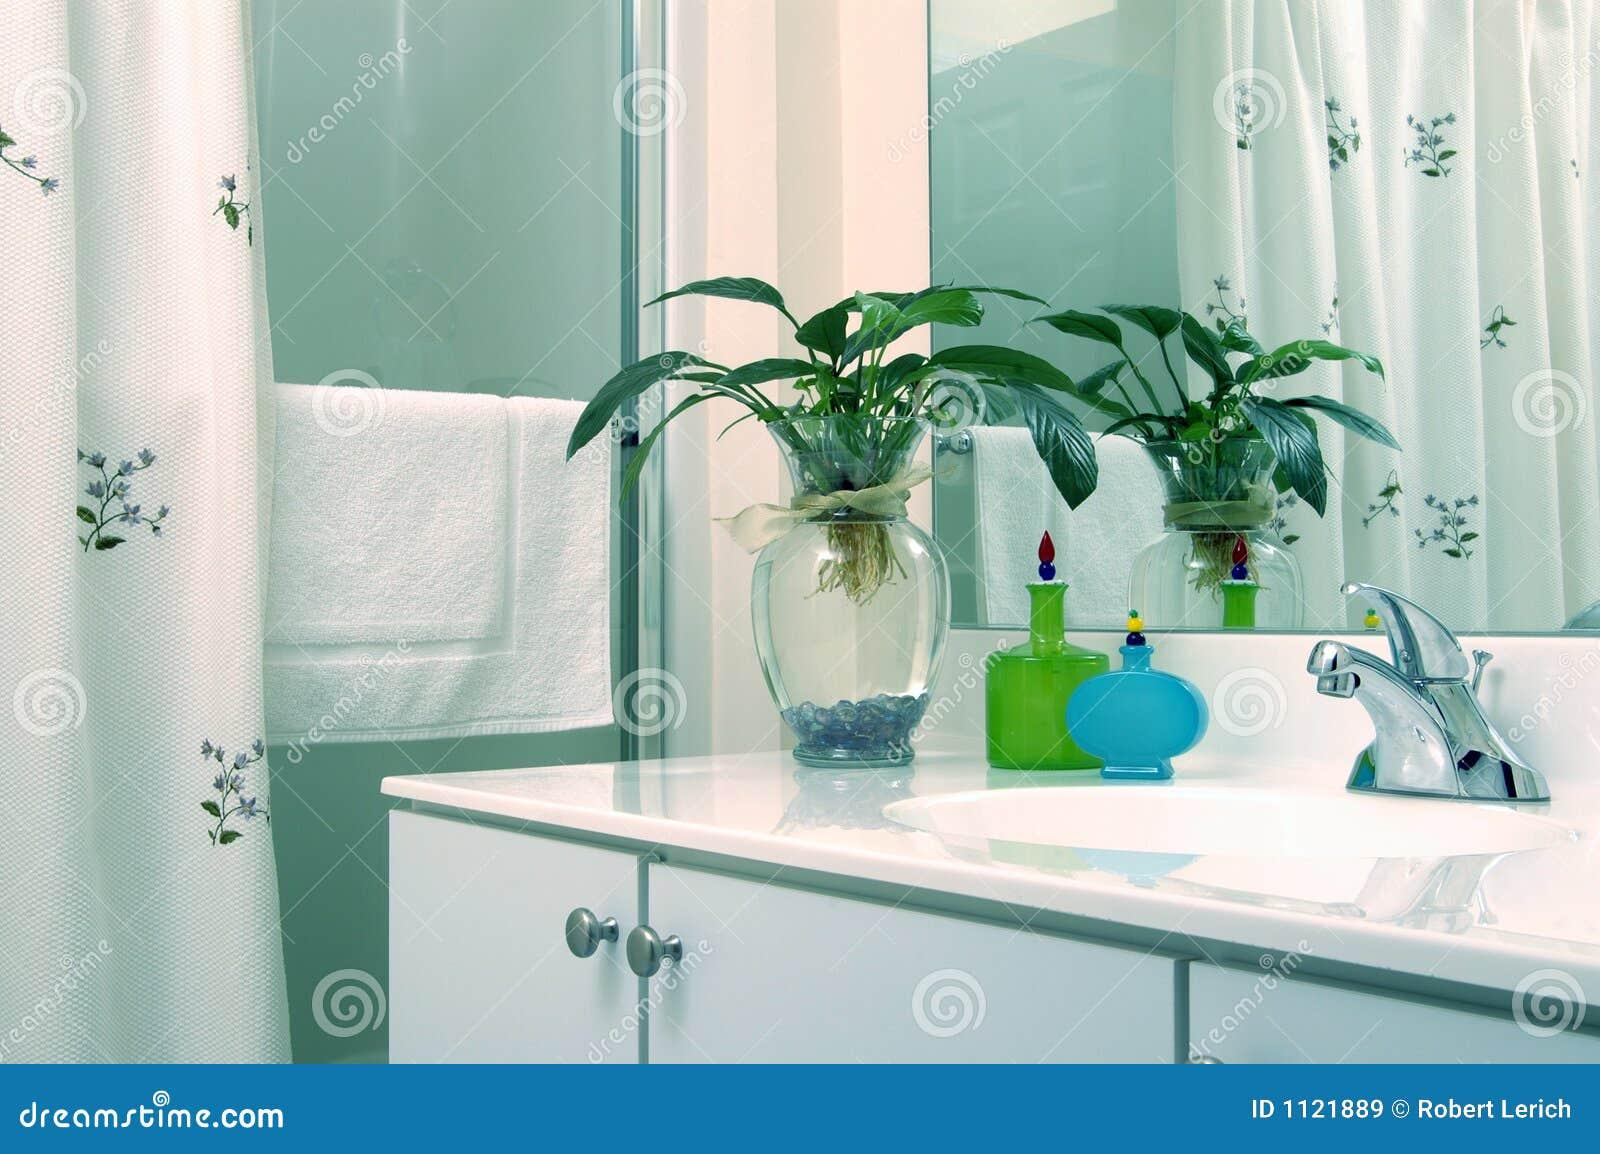 Banheiro Com Planta Imagens de Stock Royalty Free Imagem: 1121889 #149FB6 1300 954